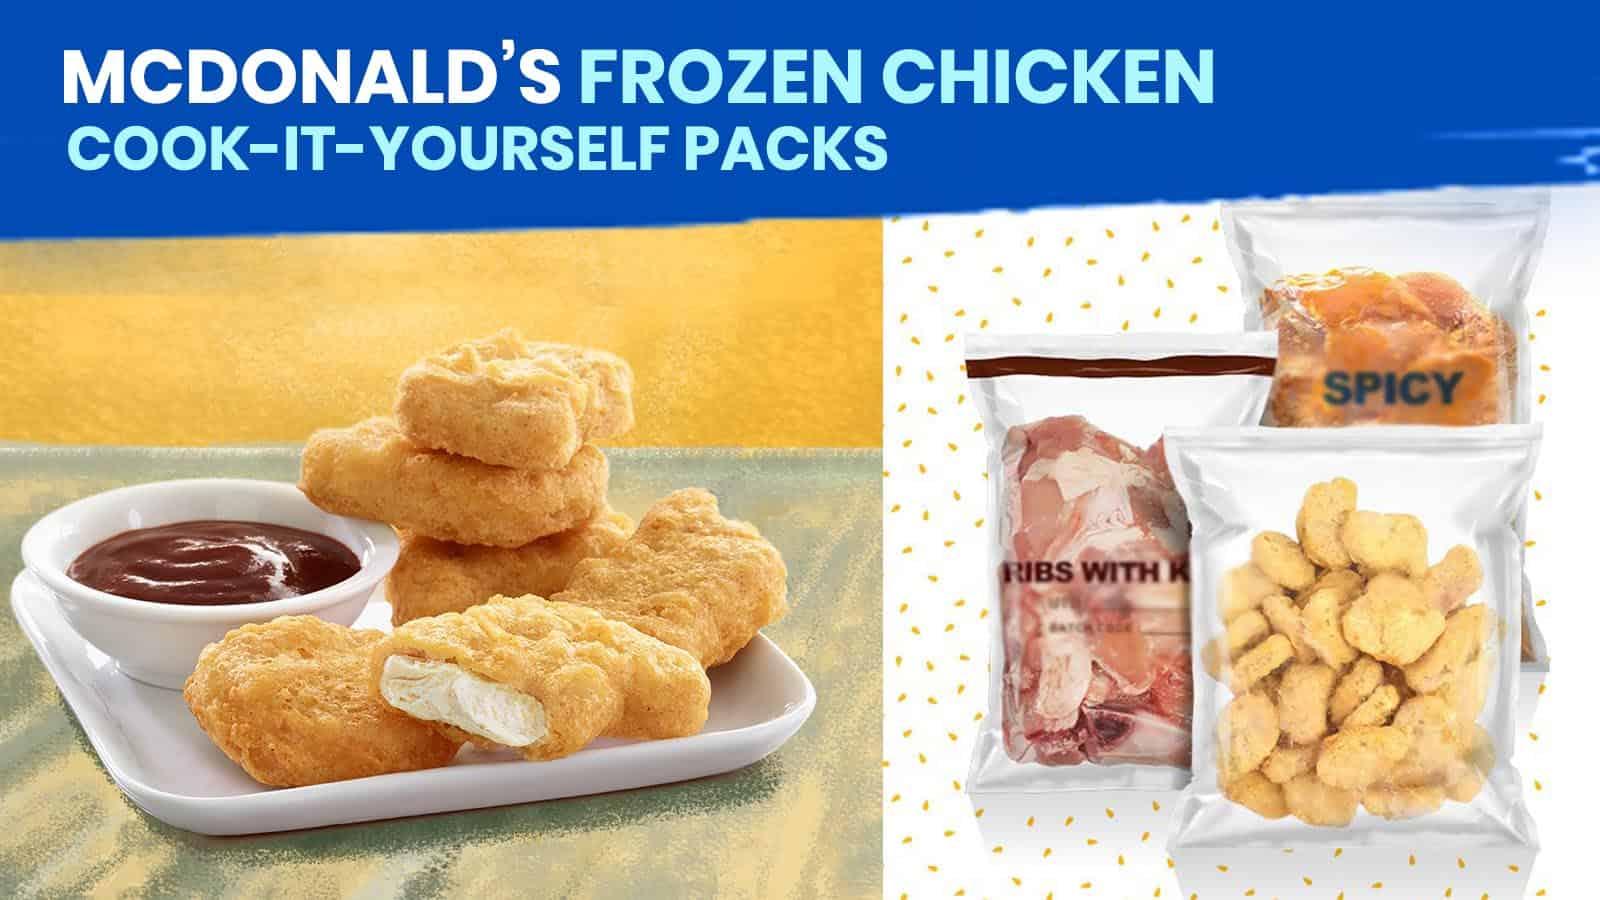 MCDONALD'S Frozen Chicken & Cook-It-Yourself Packs